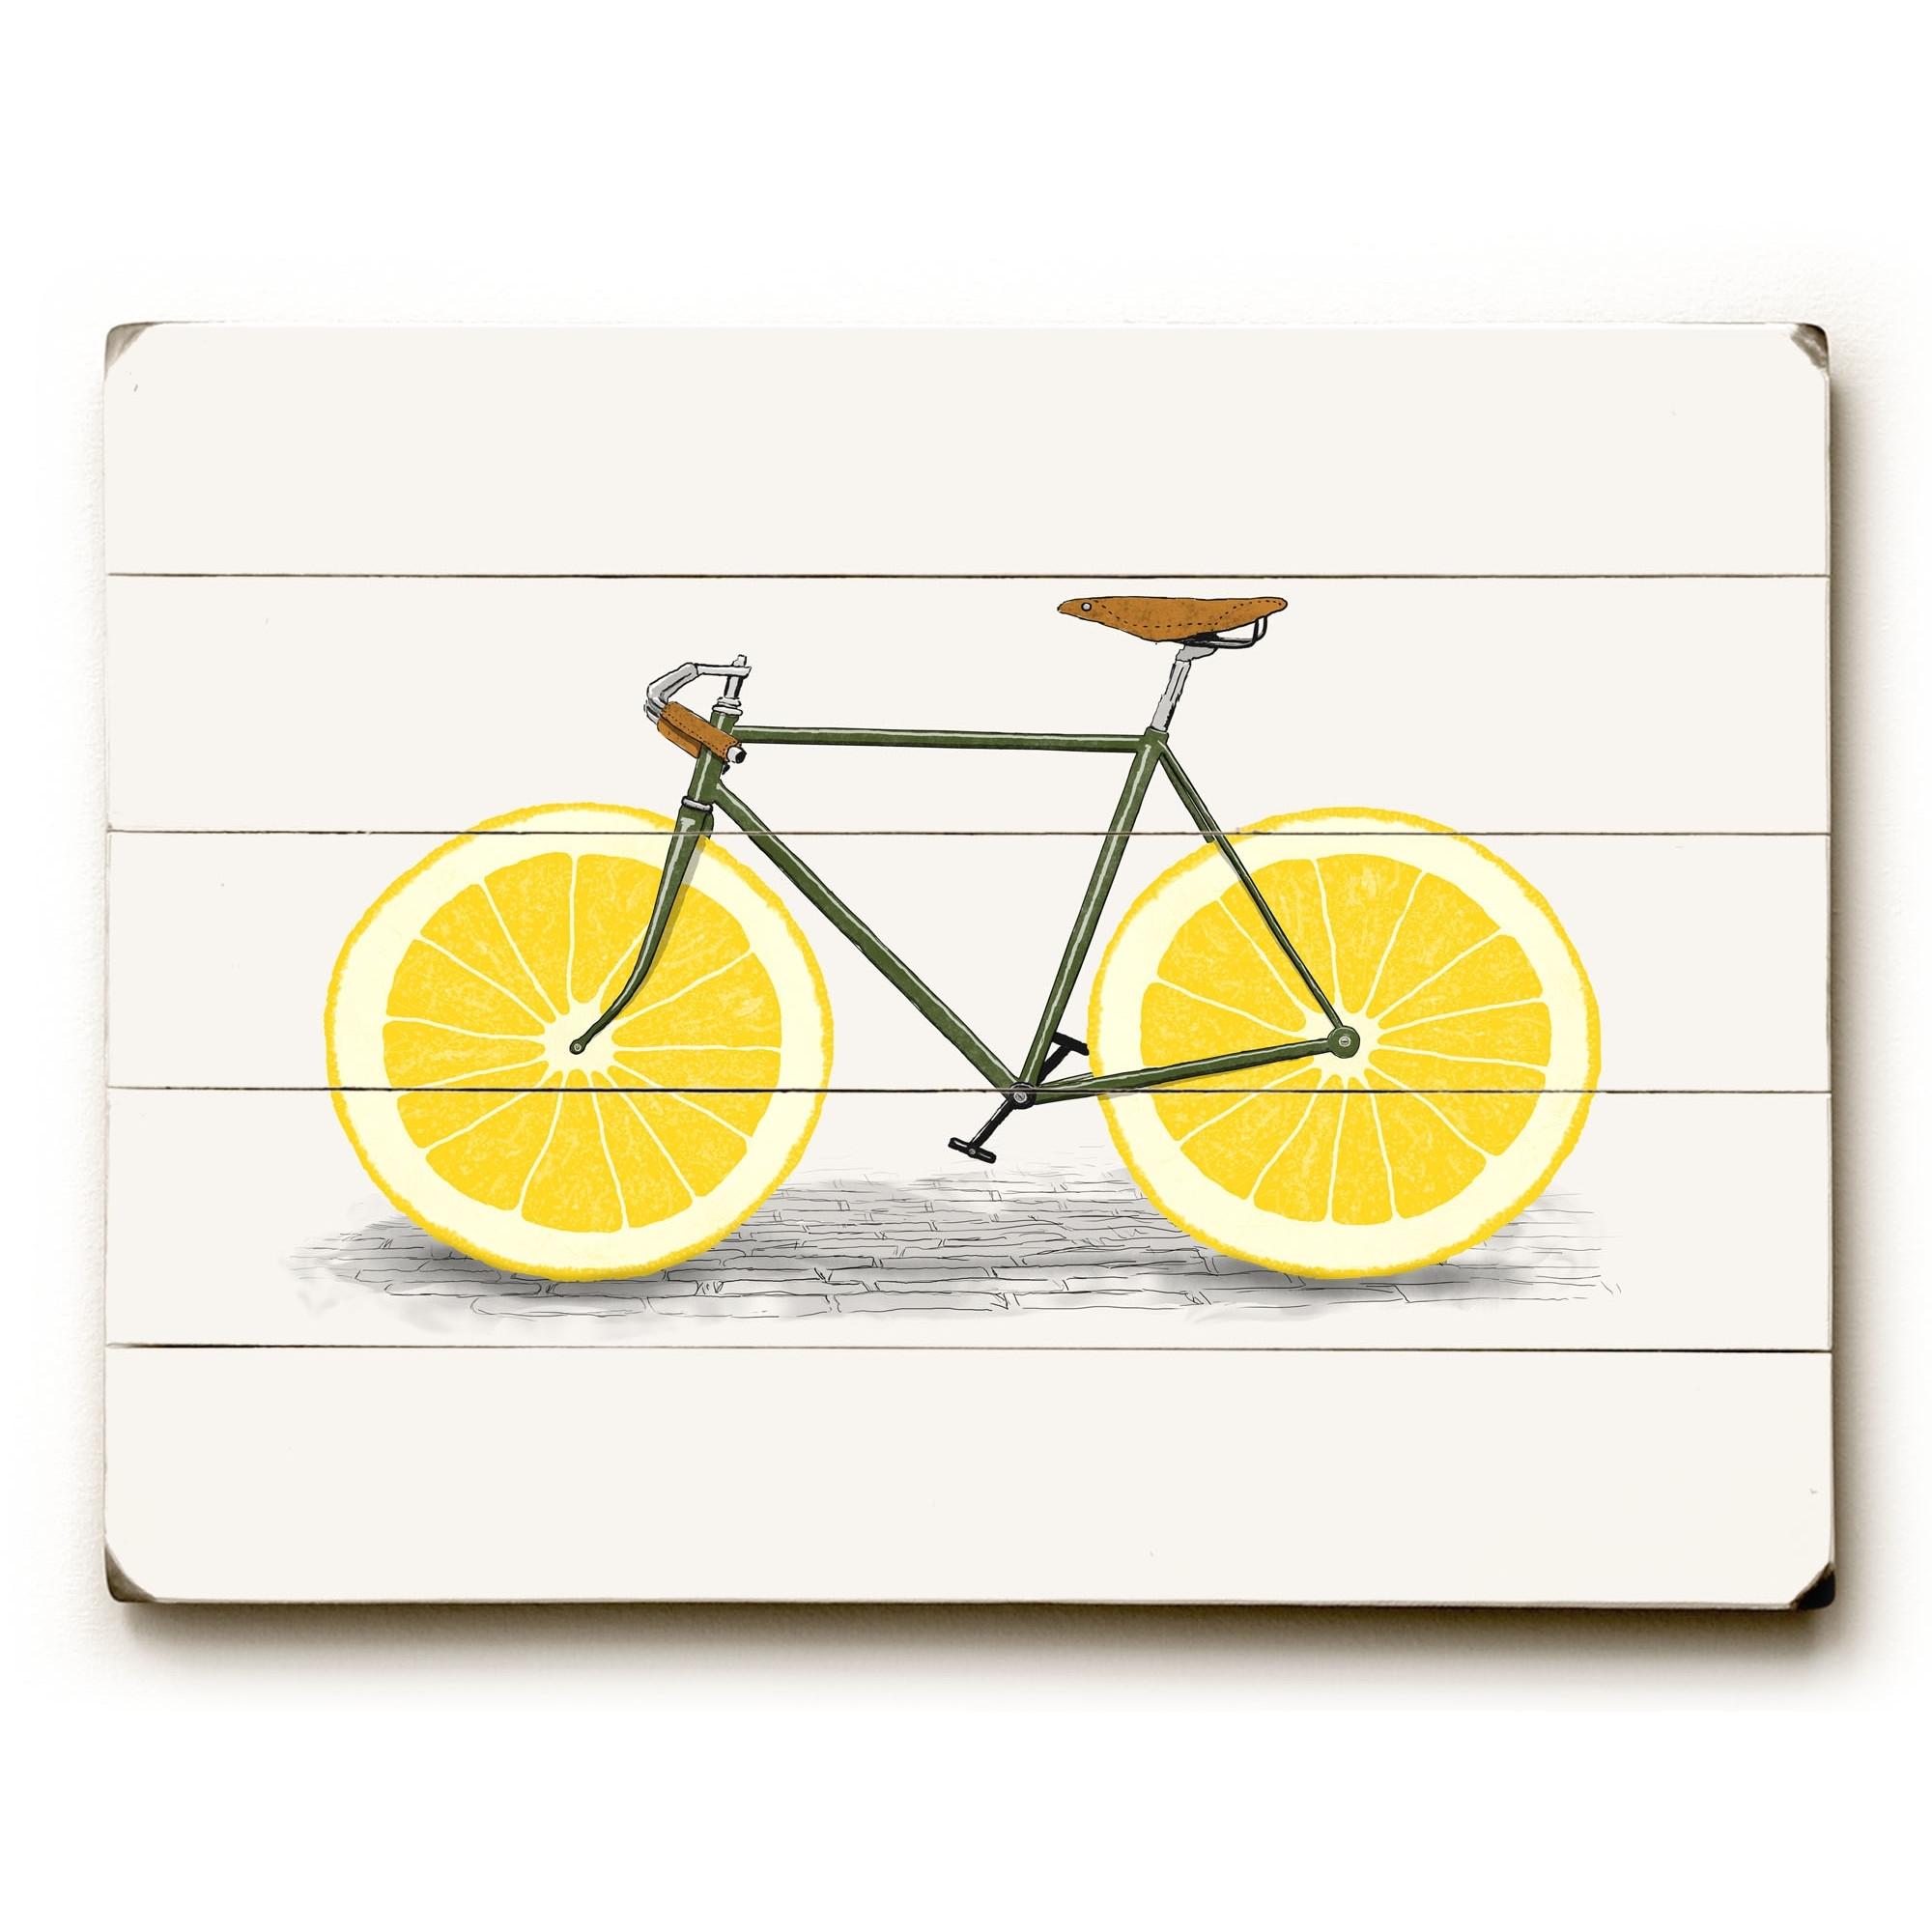 Favorite August Grove Lemon Zest Wall Art Reviews Wayfair, Lemon Wall Art With Regard To Lemon Wall Art (View 2 of 15)